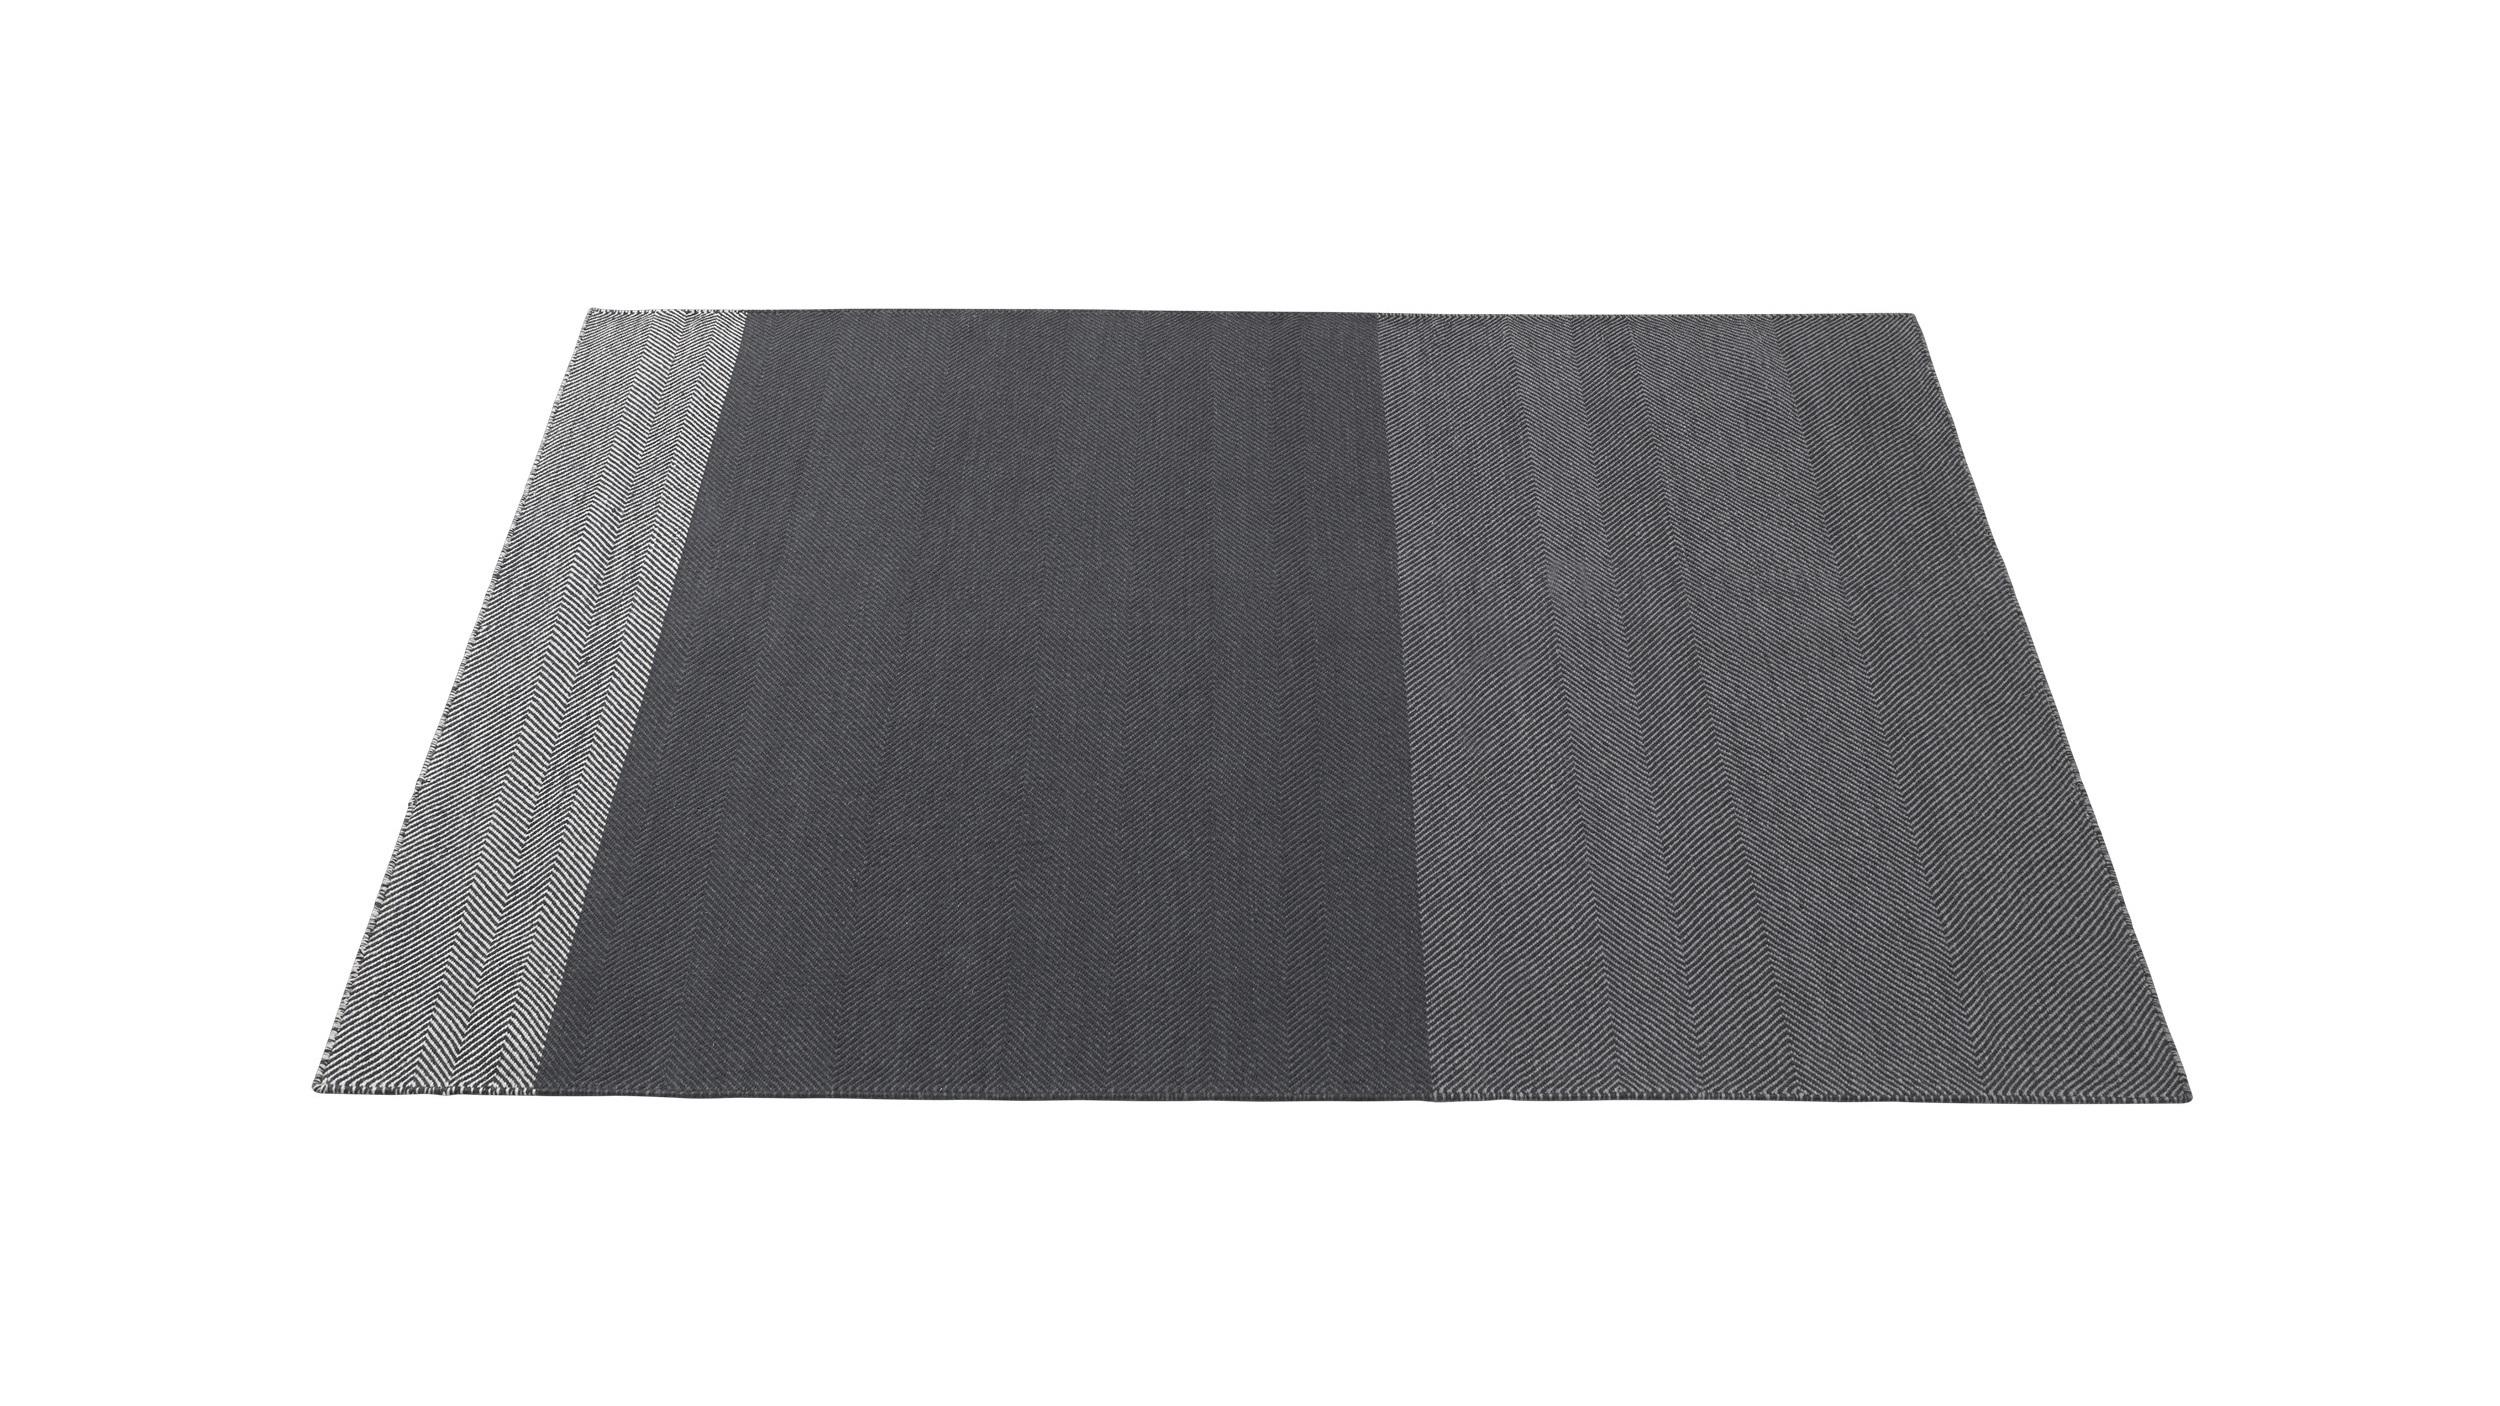 Varjo-170x240-dark-grey-Muuto-5000x5000_%28150%29.jpg